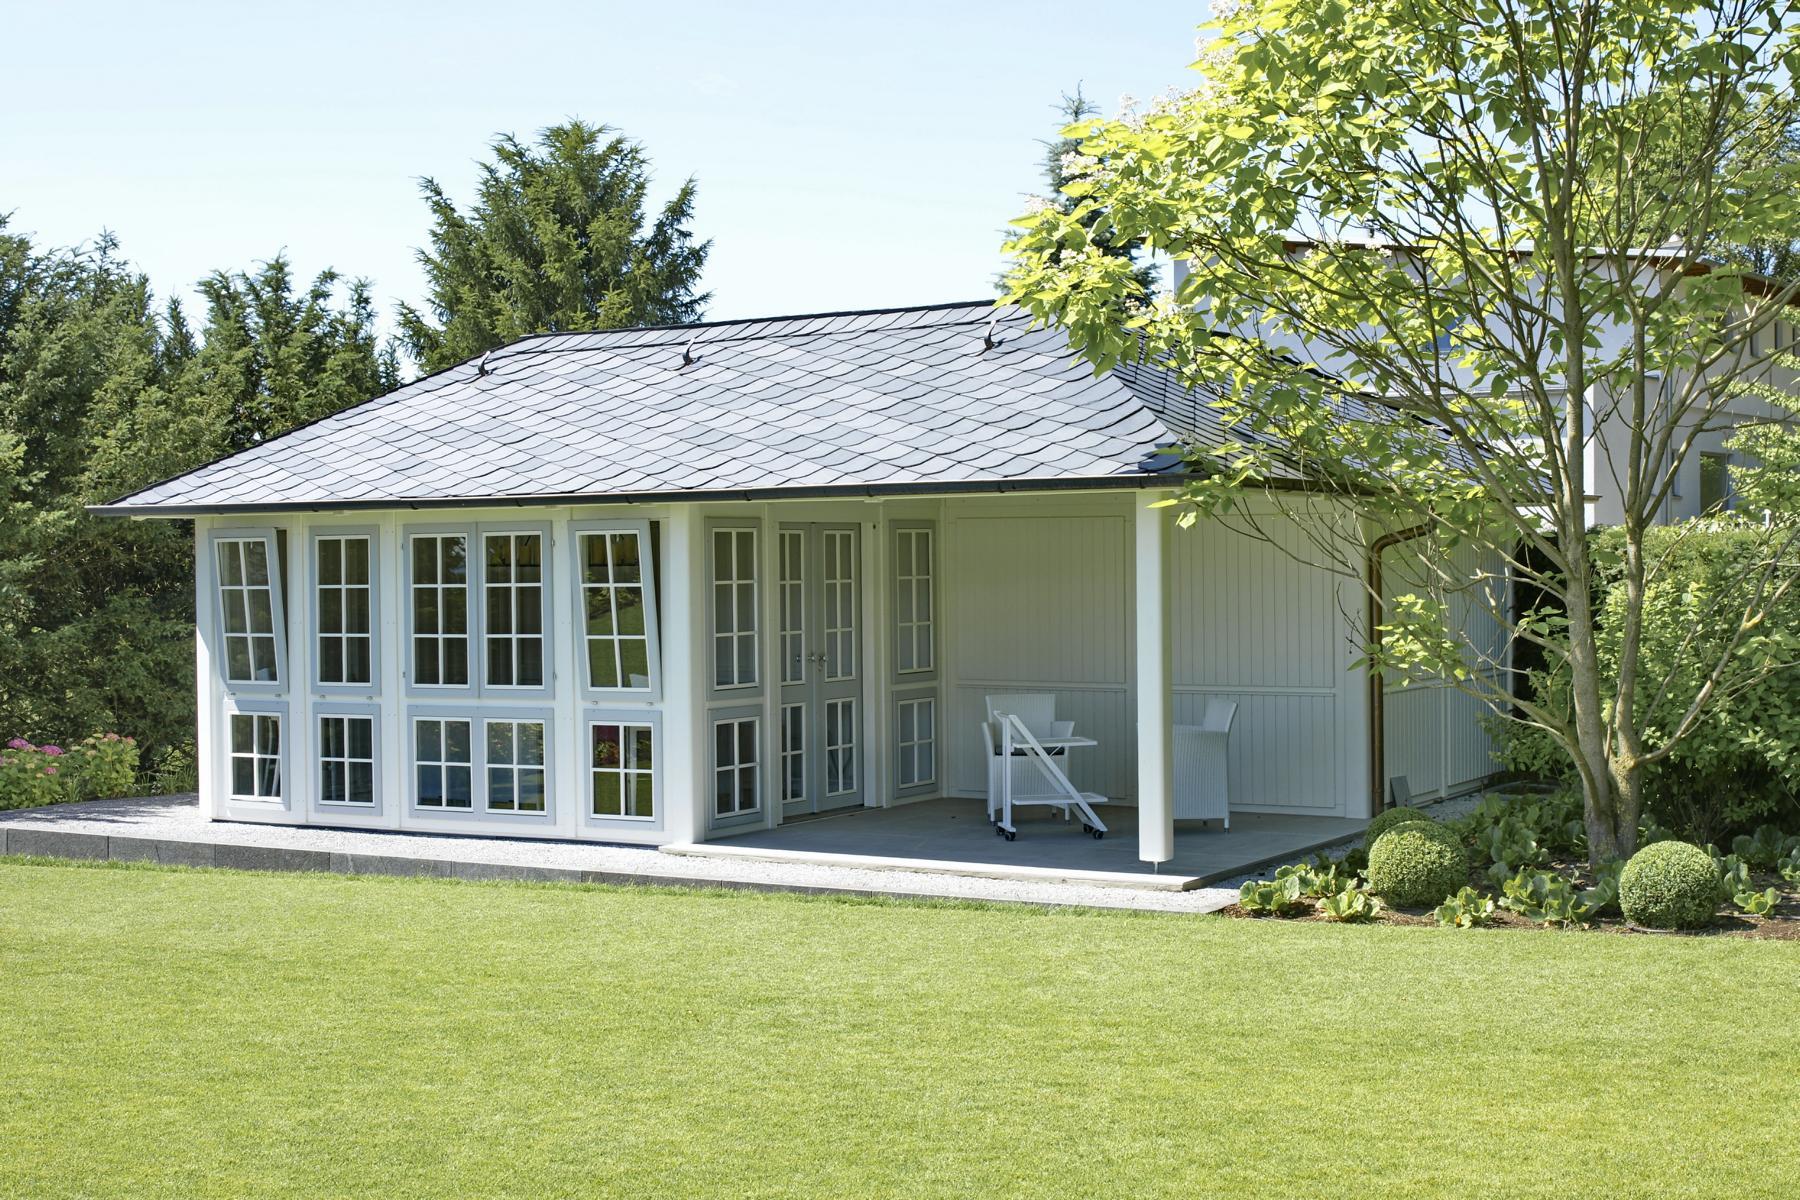 gartenhaus l form gartenhaus l form gartenhaus house und dekor galerie gartenhaus deco 20 b. Black Bedroom Furniture Sets. Home Design Ideas